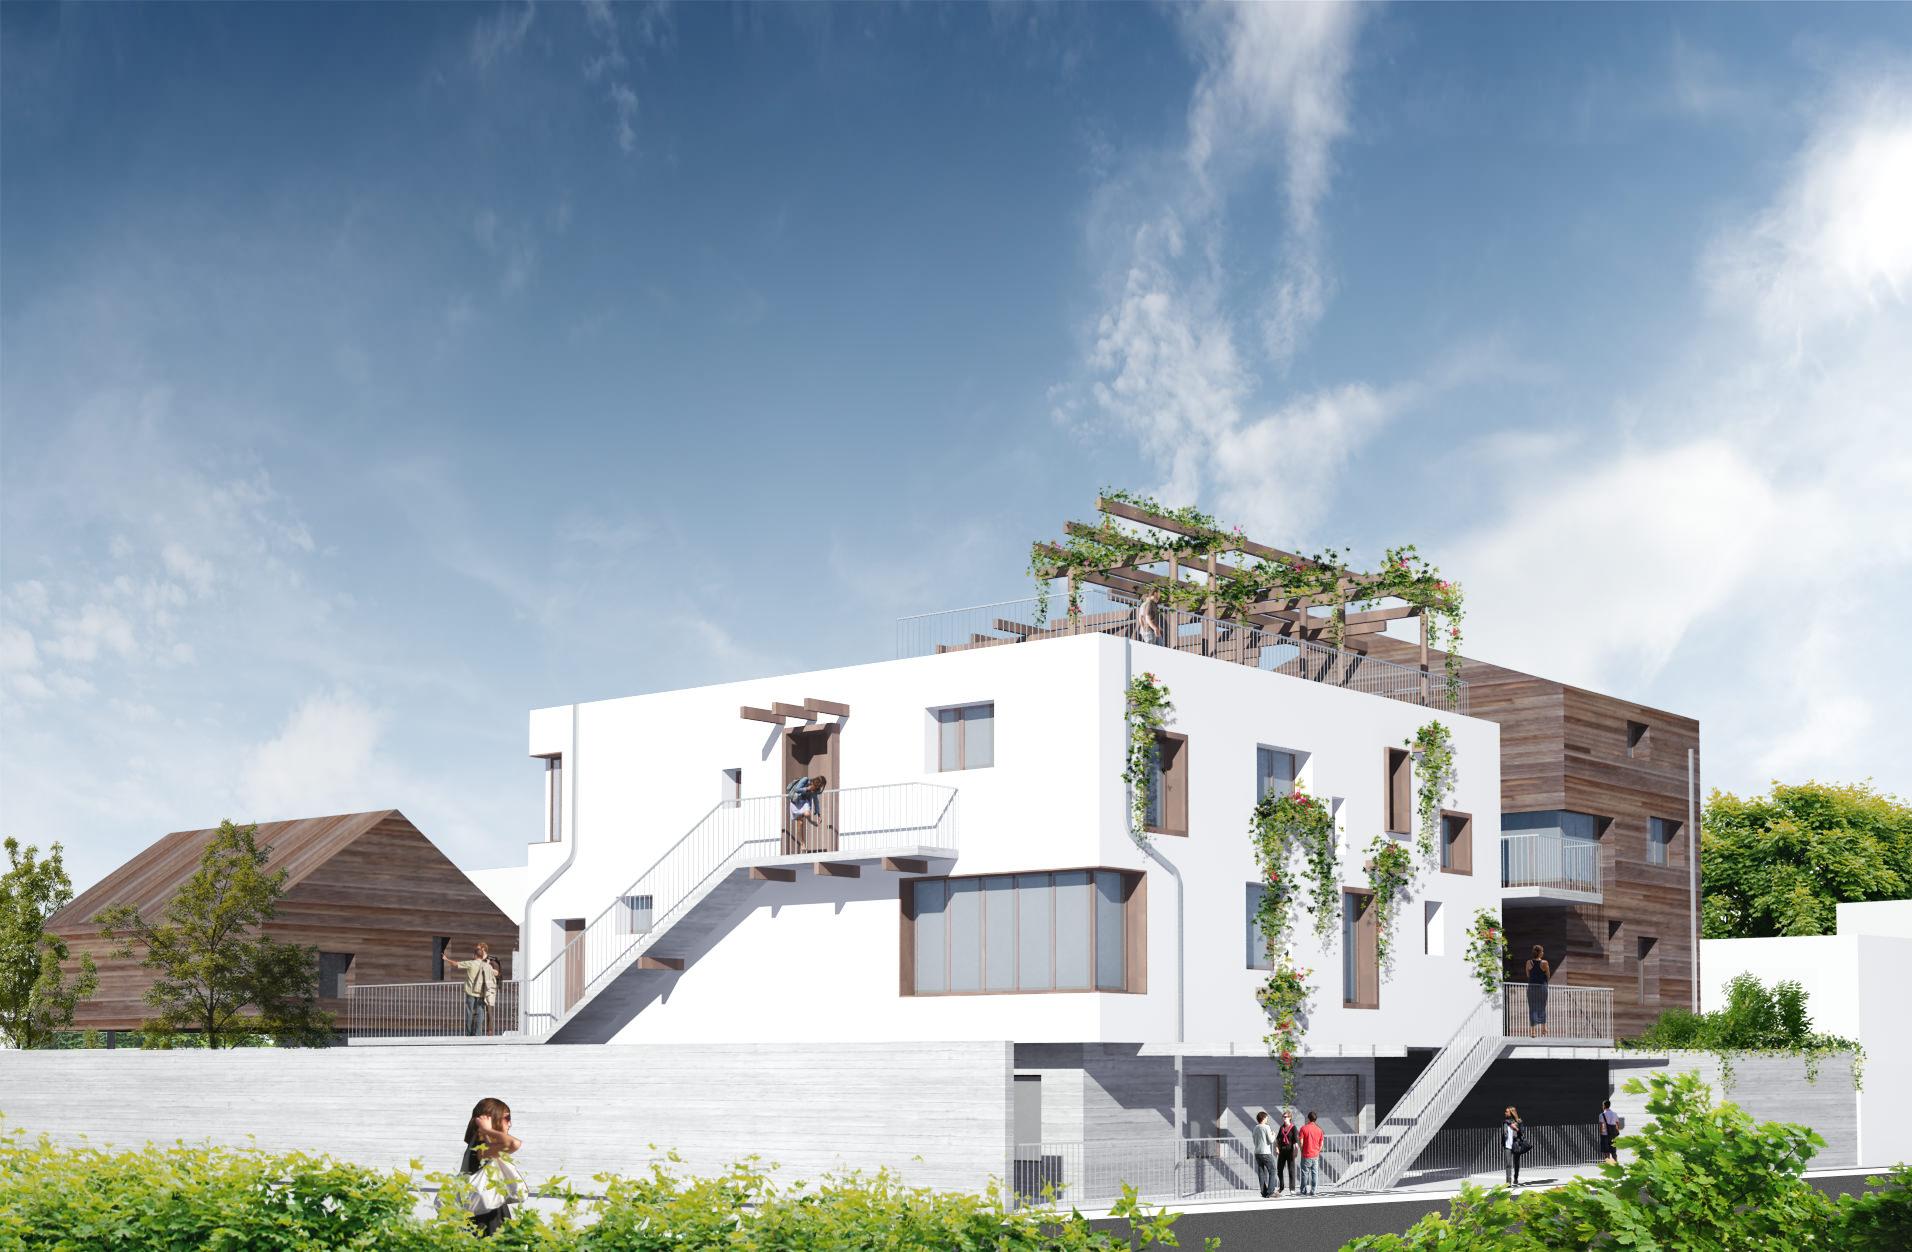 0211_13_12_13_vue_facade